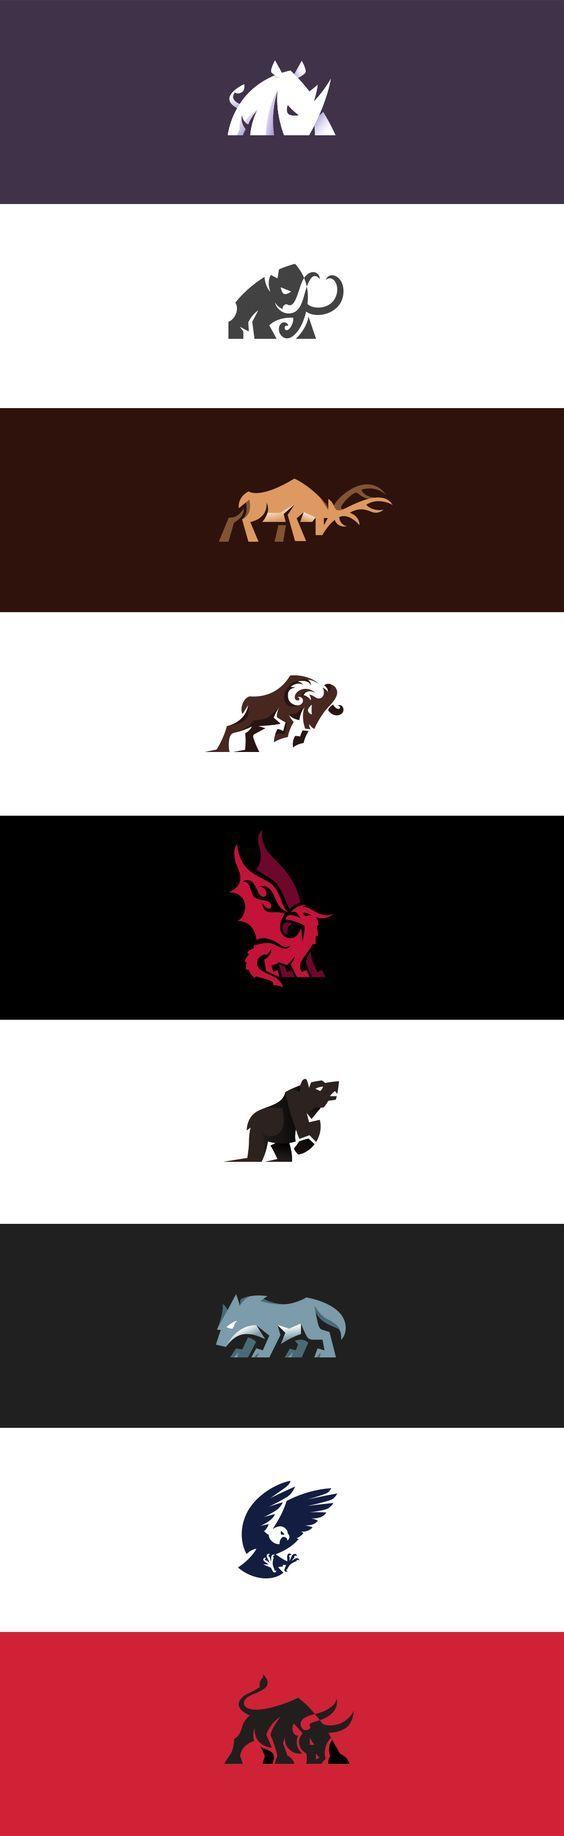 Aggressive and charging animal logos I made.